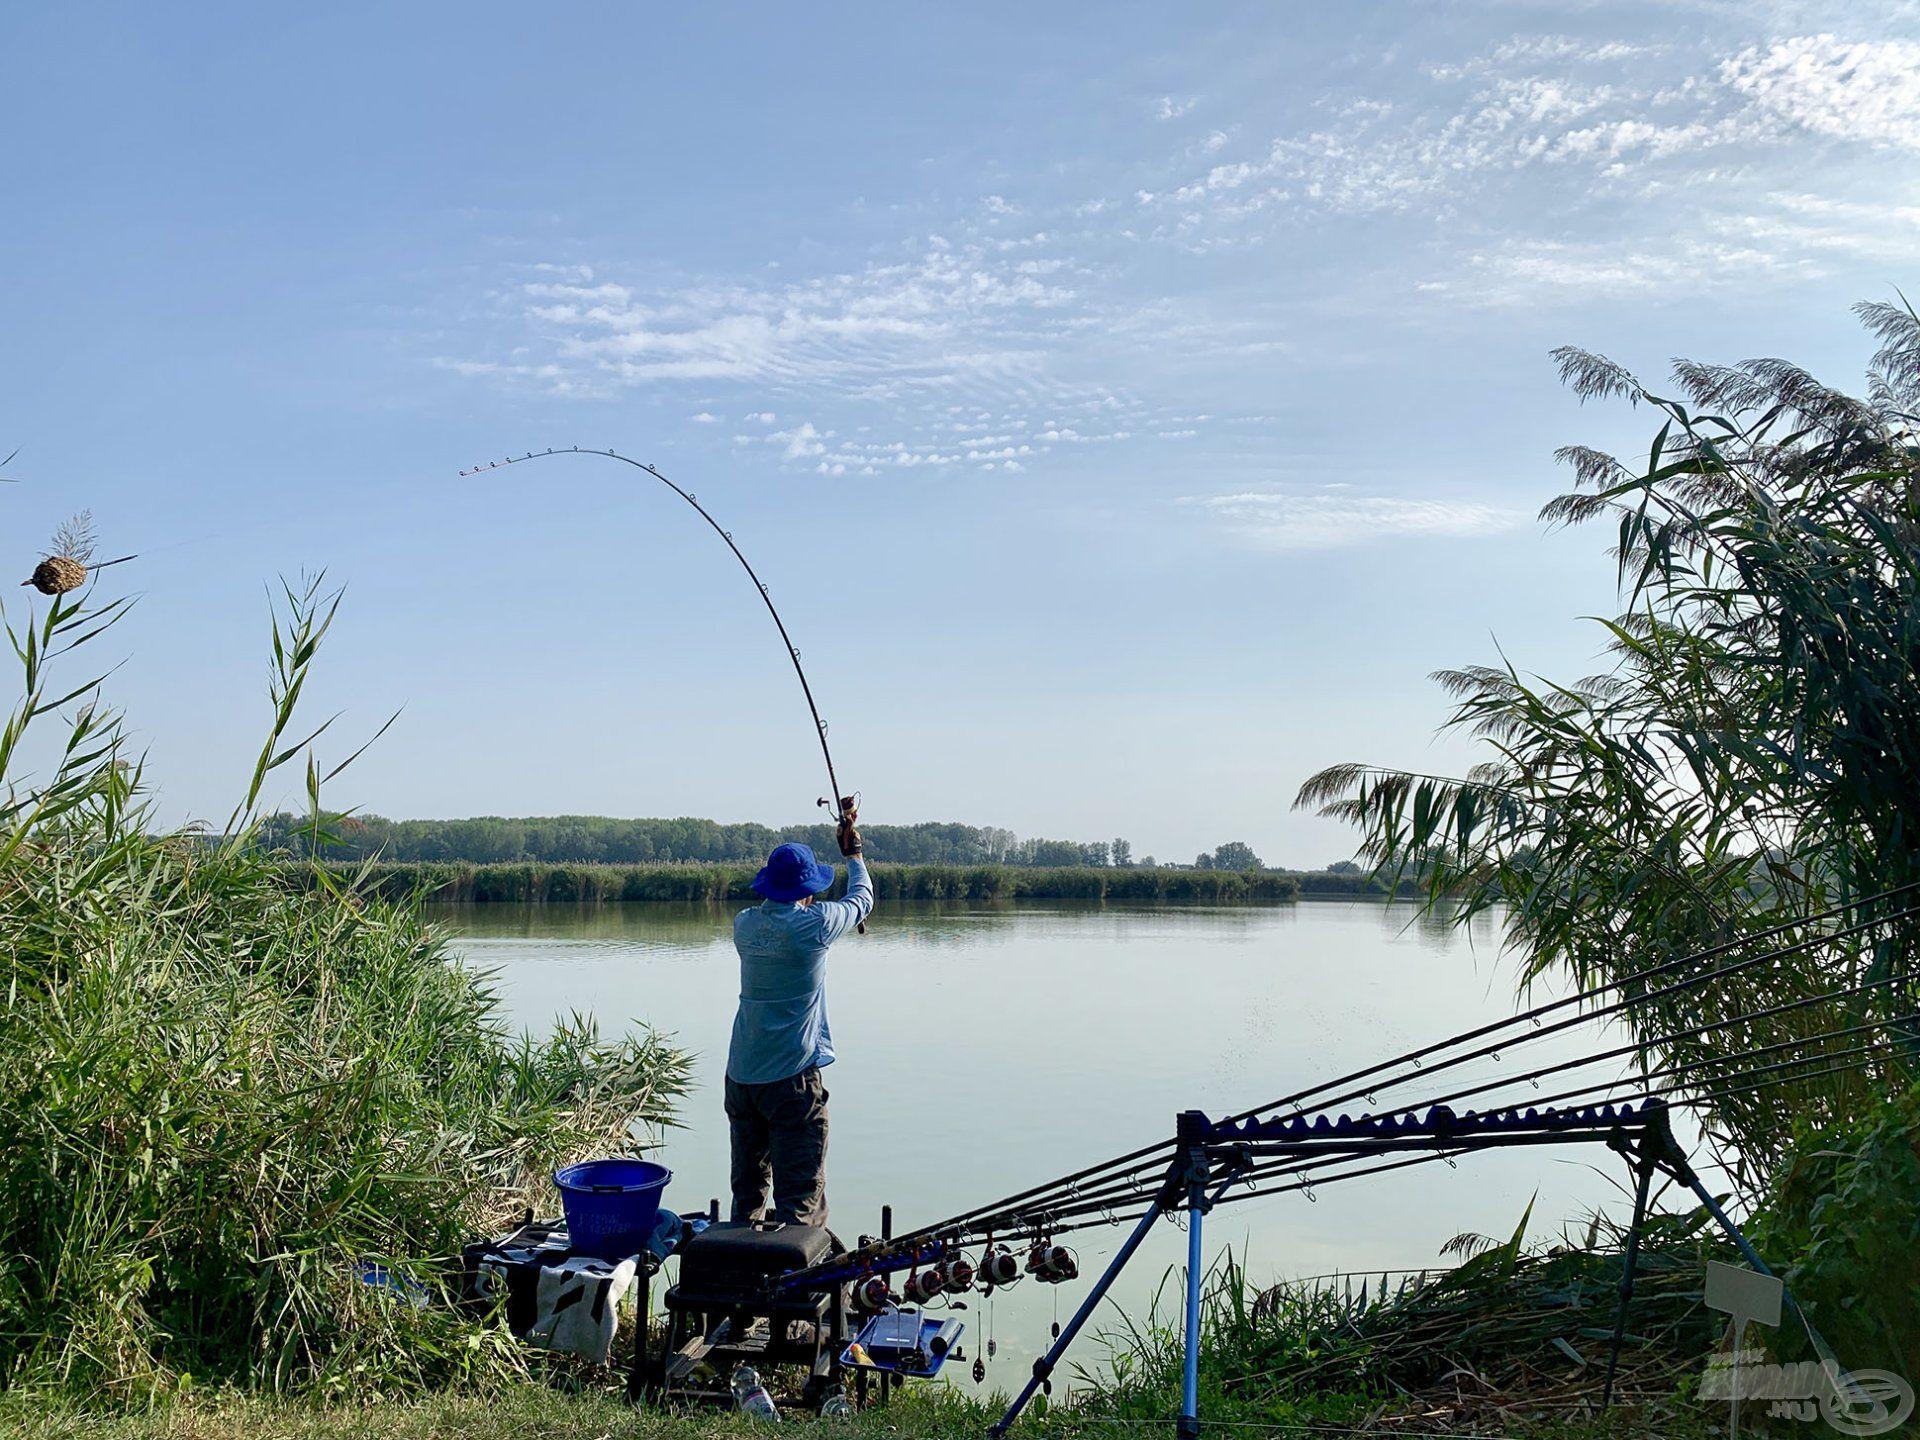 Sóstó egy nagy kiterjedésű egyesületi tó, ahol a távoli horgászat a kifizetődő